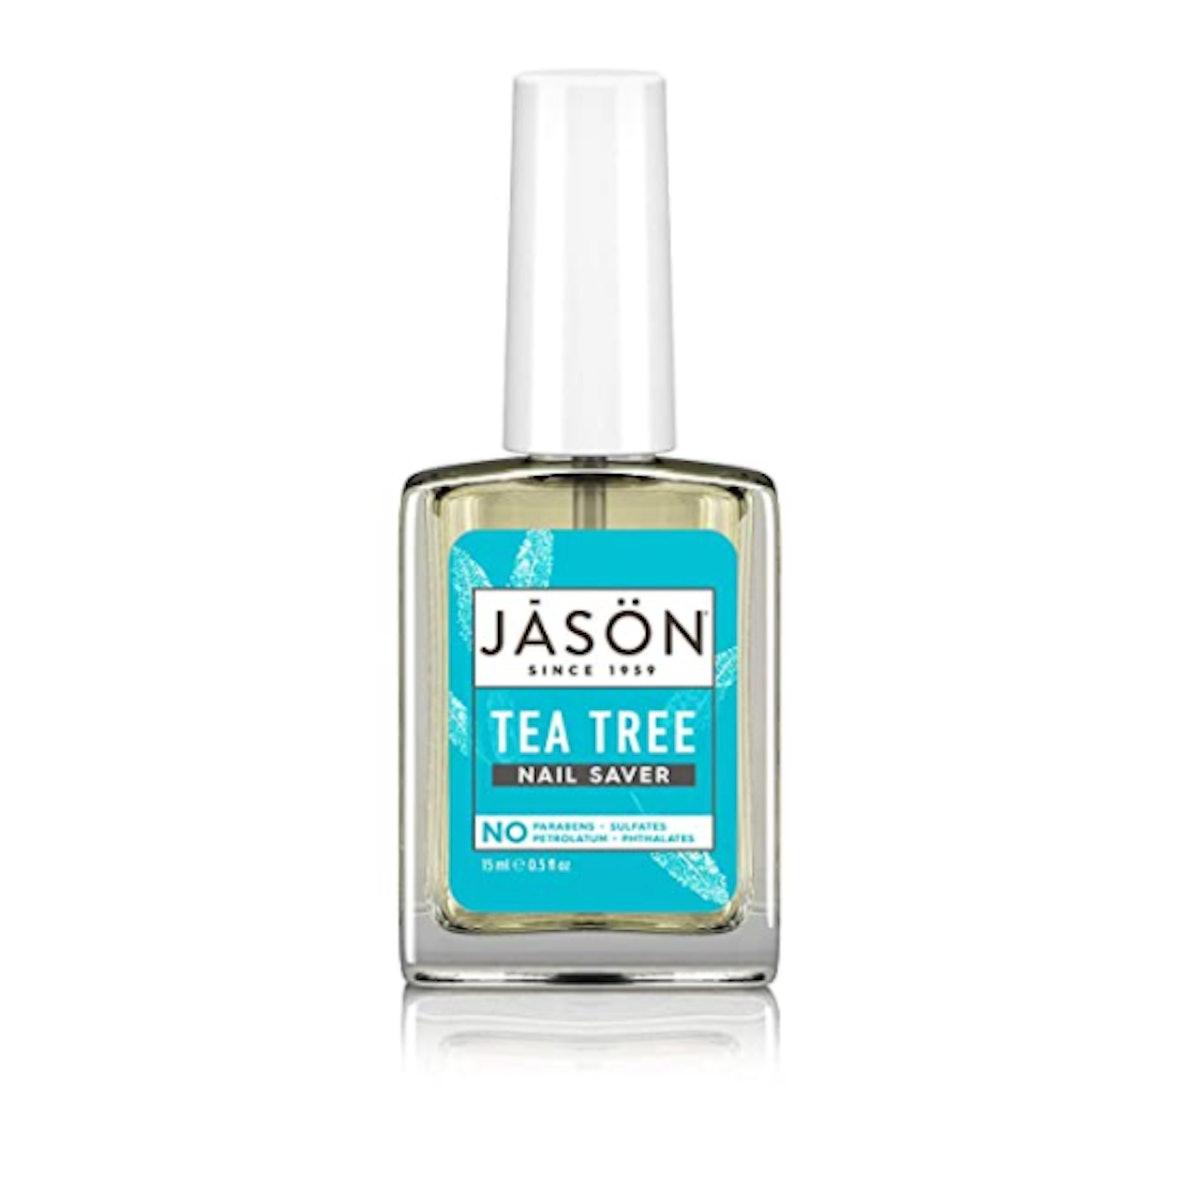 Jason Nail Saver